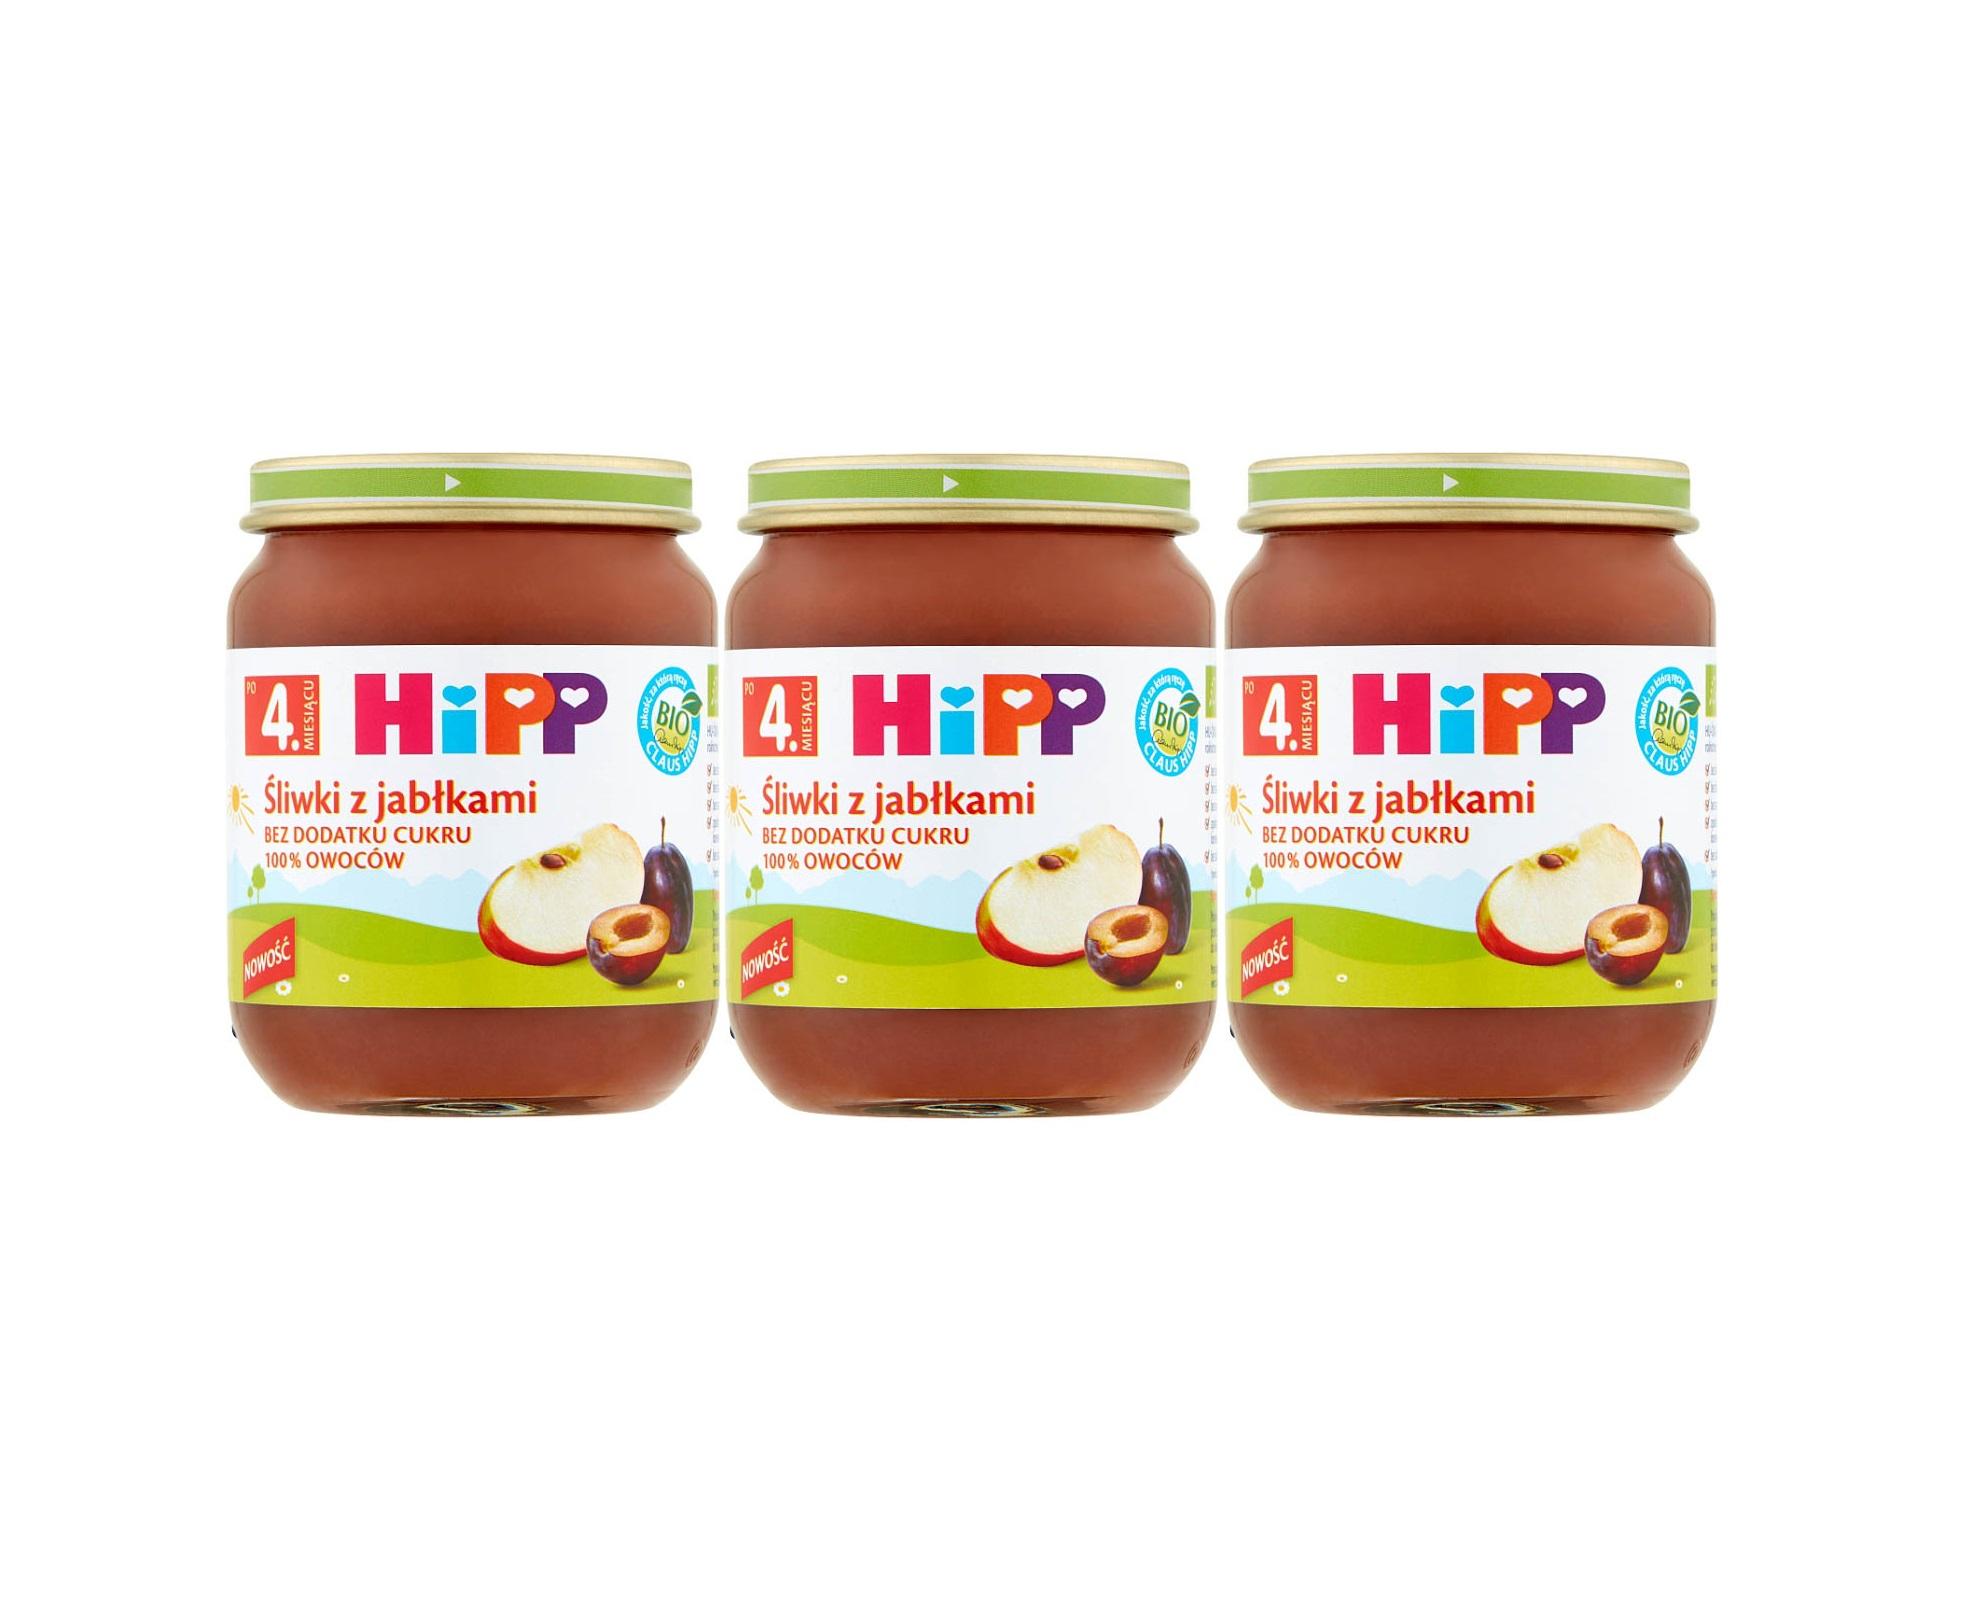 3 pak hipp 125 sliwki z jablkami